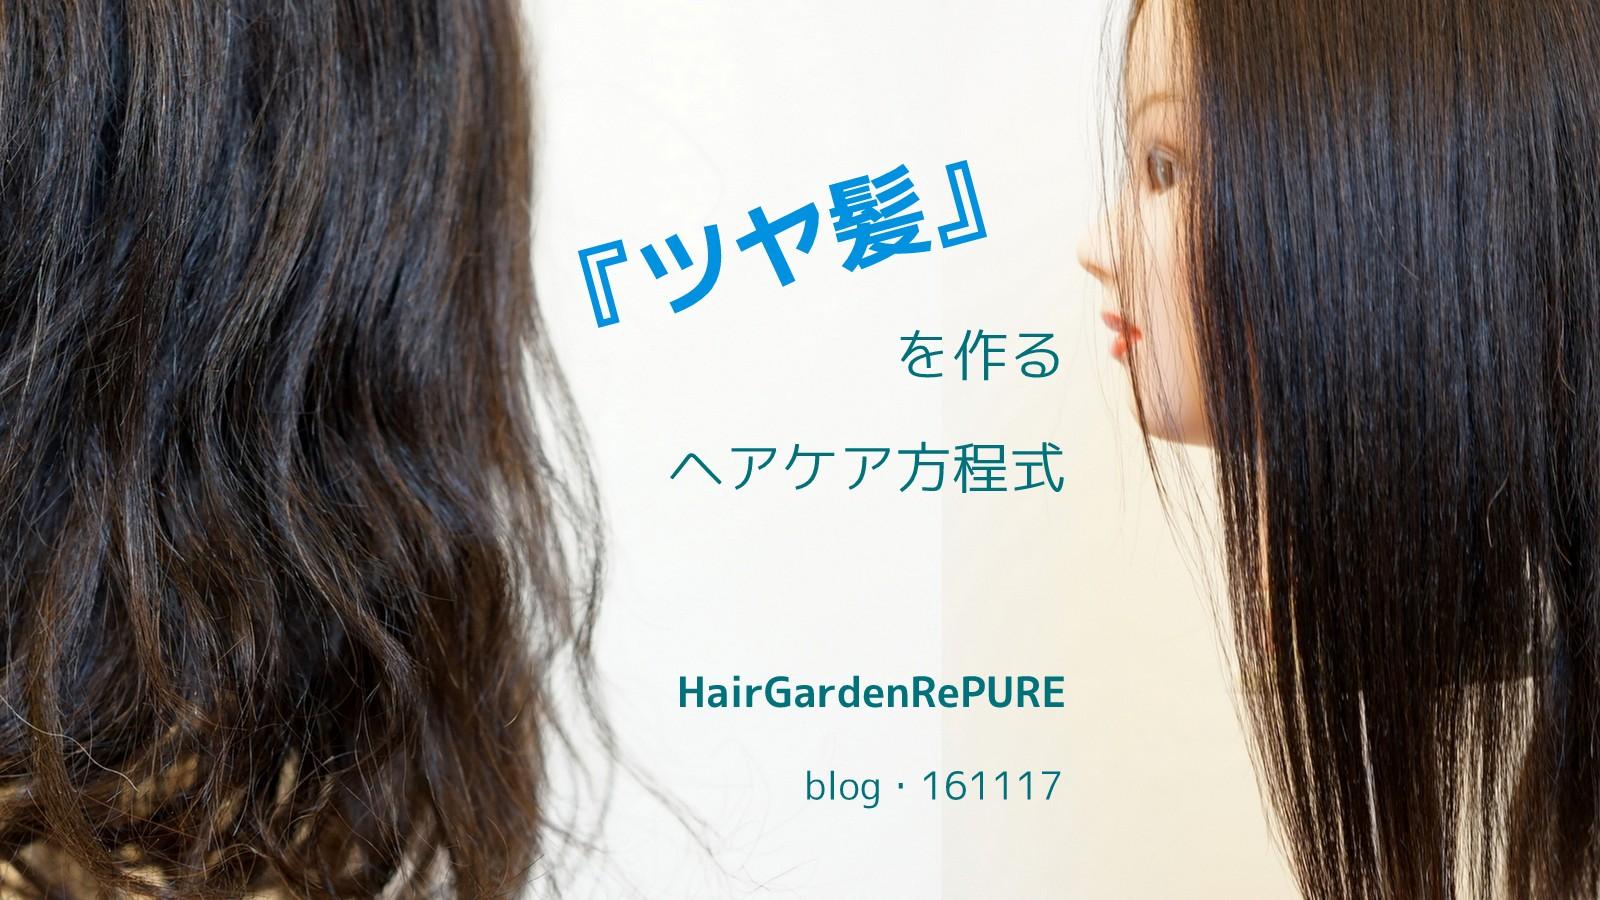 『ツヤ髪』を作るヘアケア方程式 【ホームケア編】